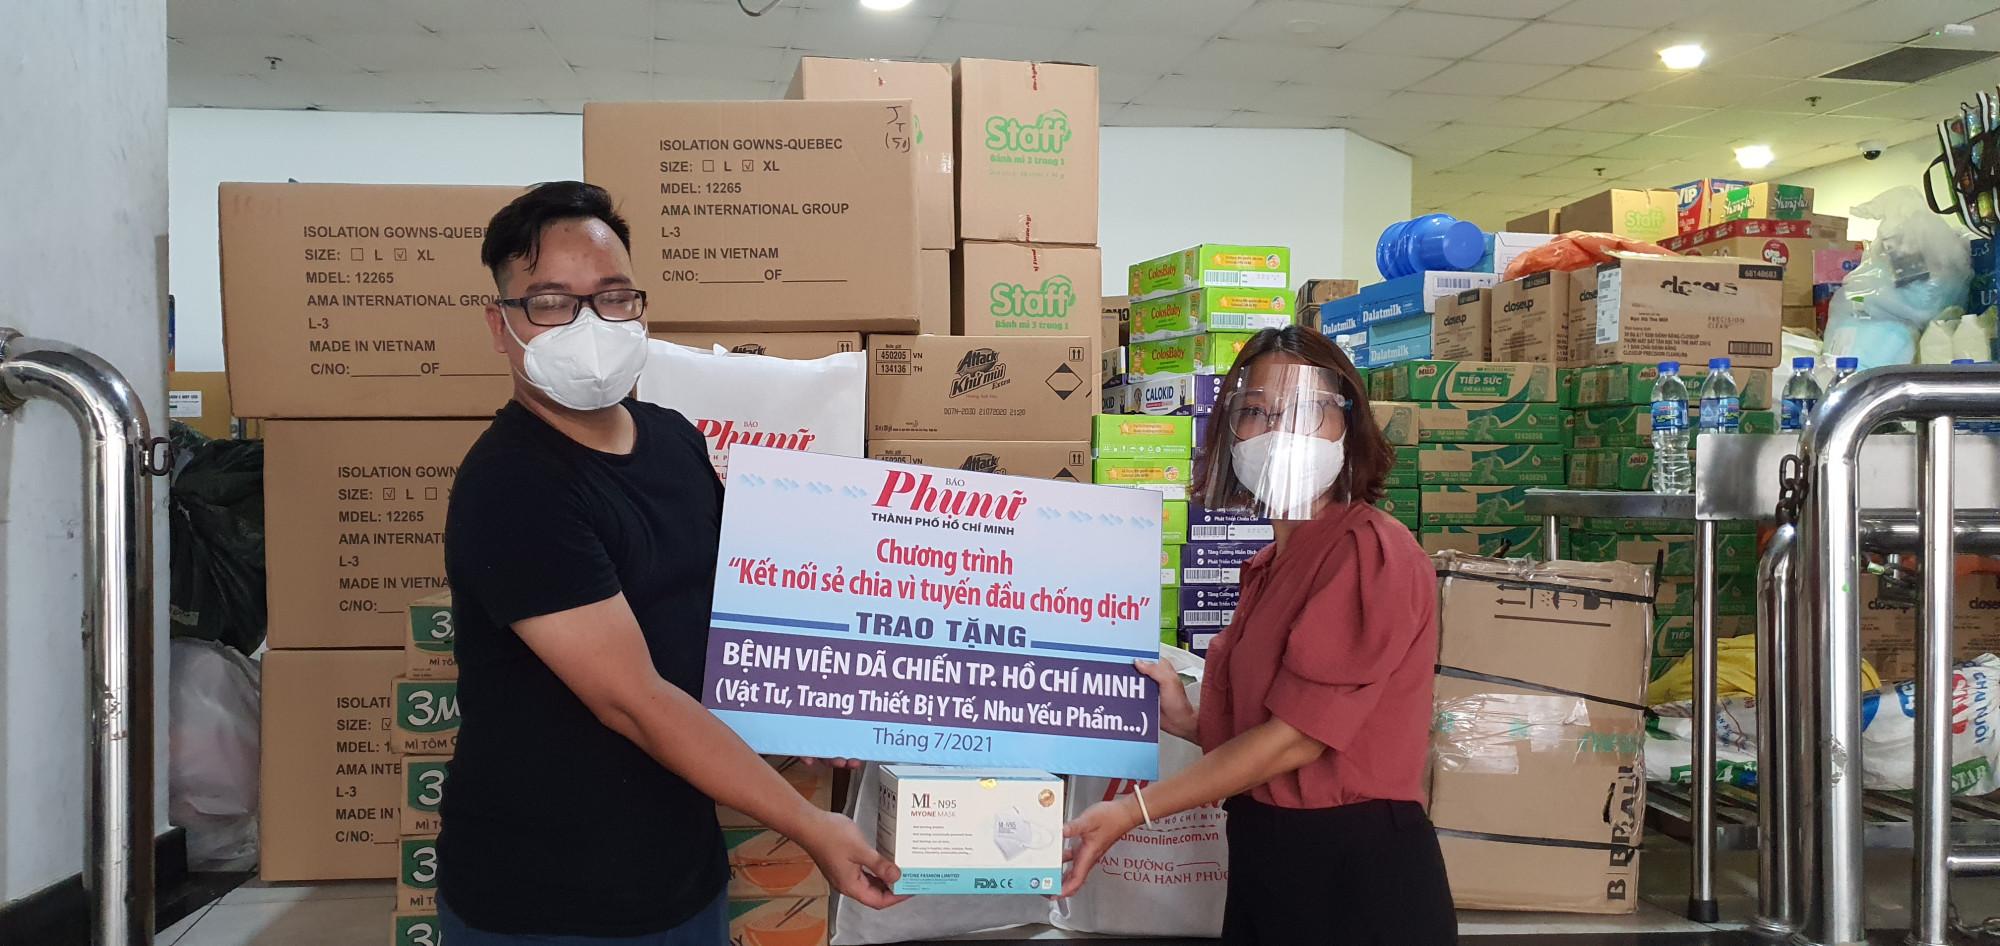 Báo Phụ nữ TPHCM tặng v65t tư, trang thiết bị y tế đến Bệnh viện dã chiến số 4